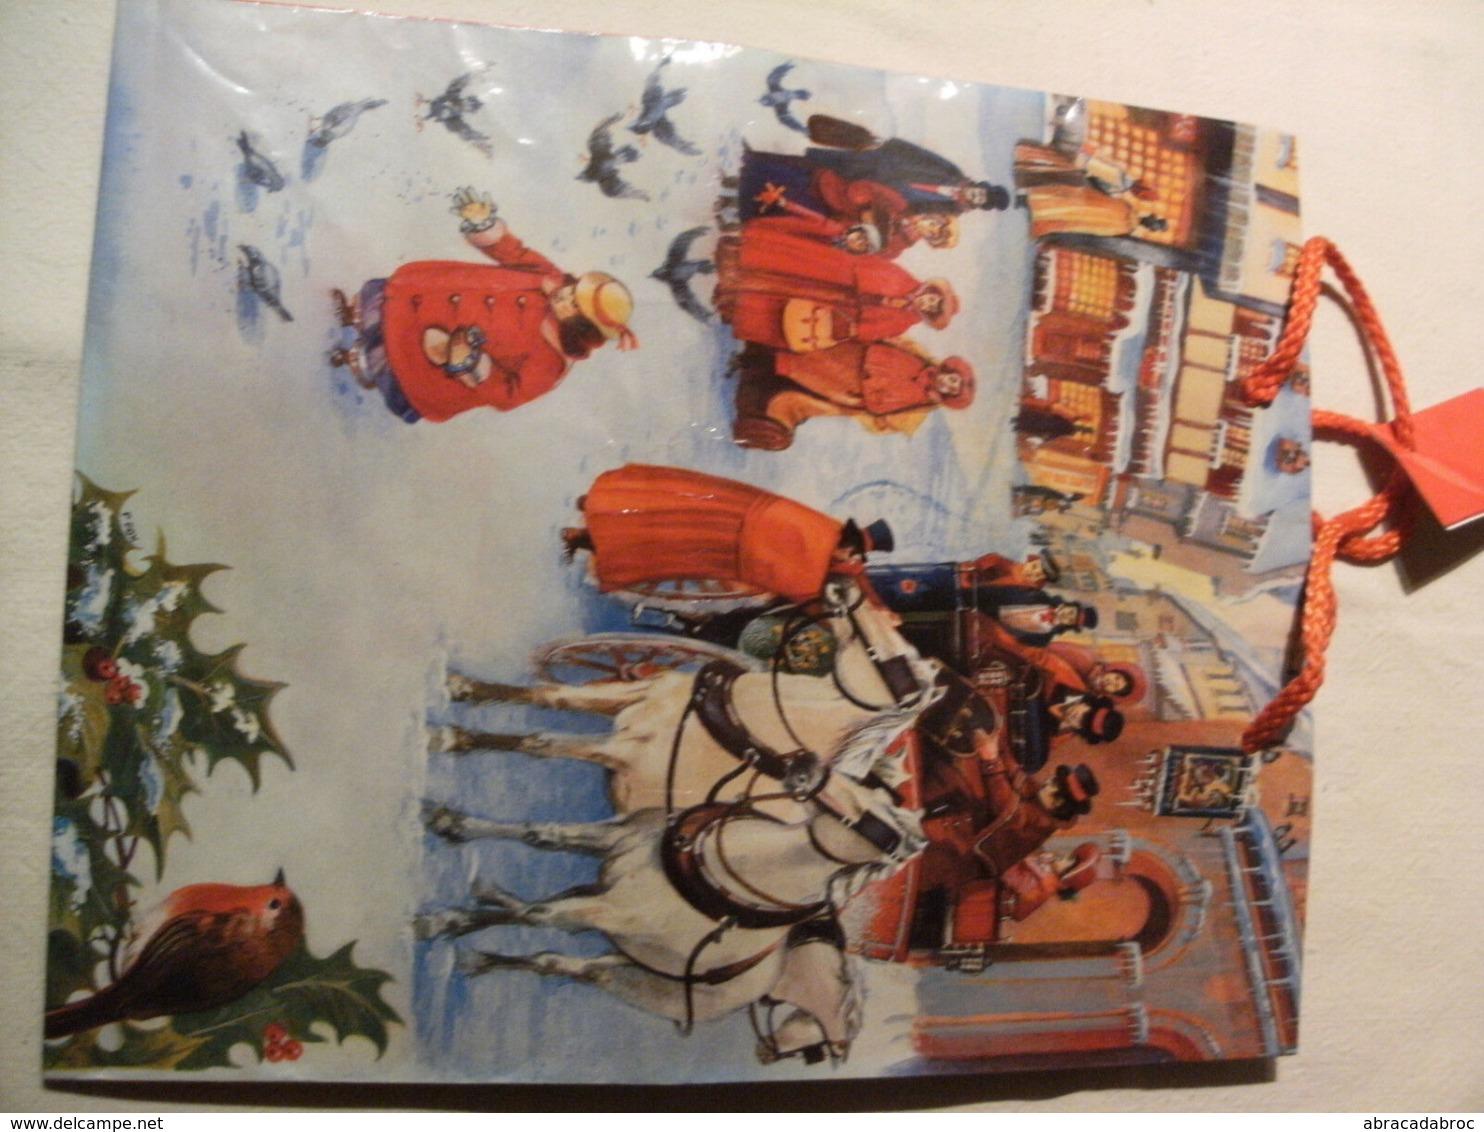 Sac De Presentation Cadeaux Pour Les Fetes - Kerstversiering